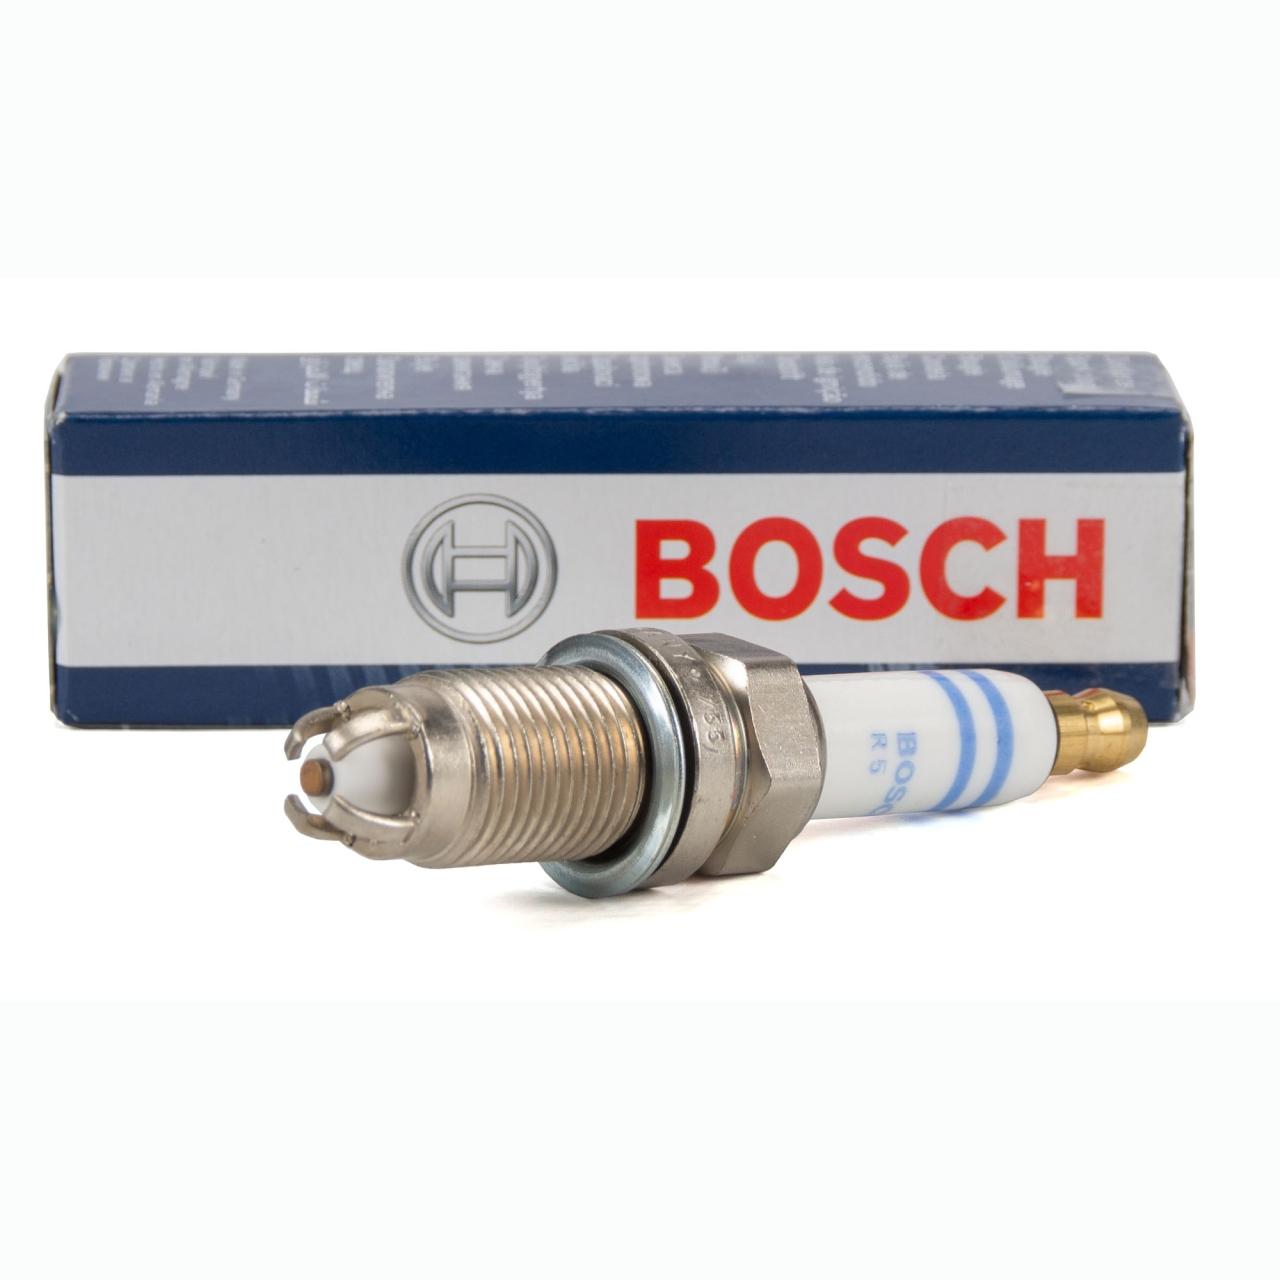 طقم بوجية بلاتنيوم ( 4 شمعة ) المانى BOSCH فولكس باسات ( 2006 - 2011 )